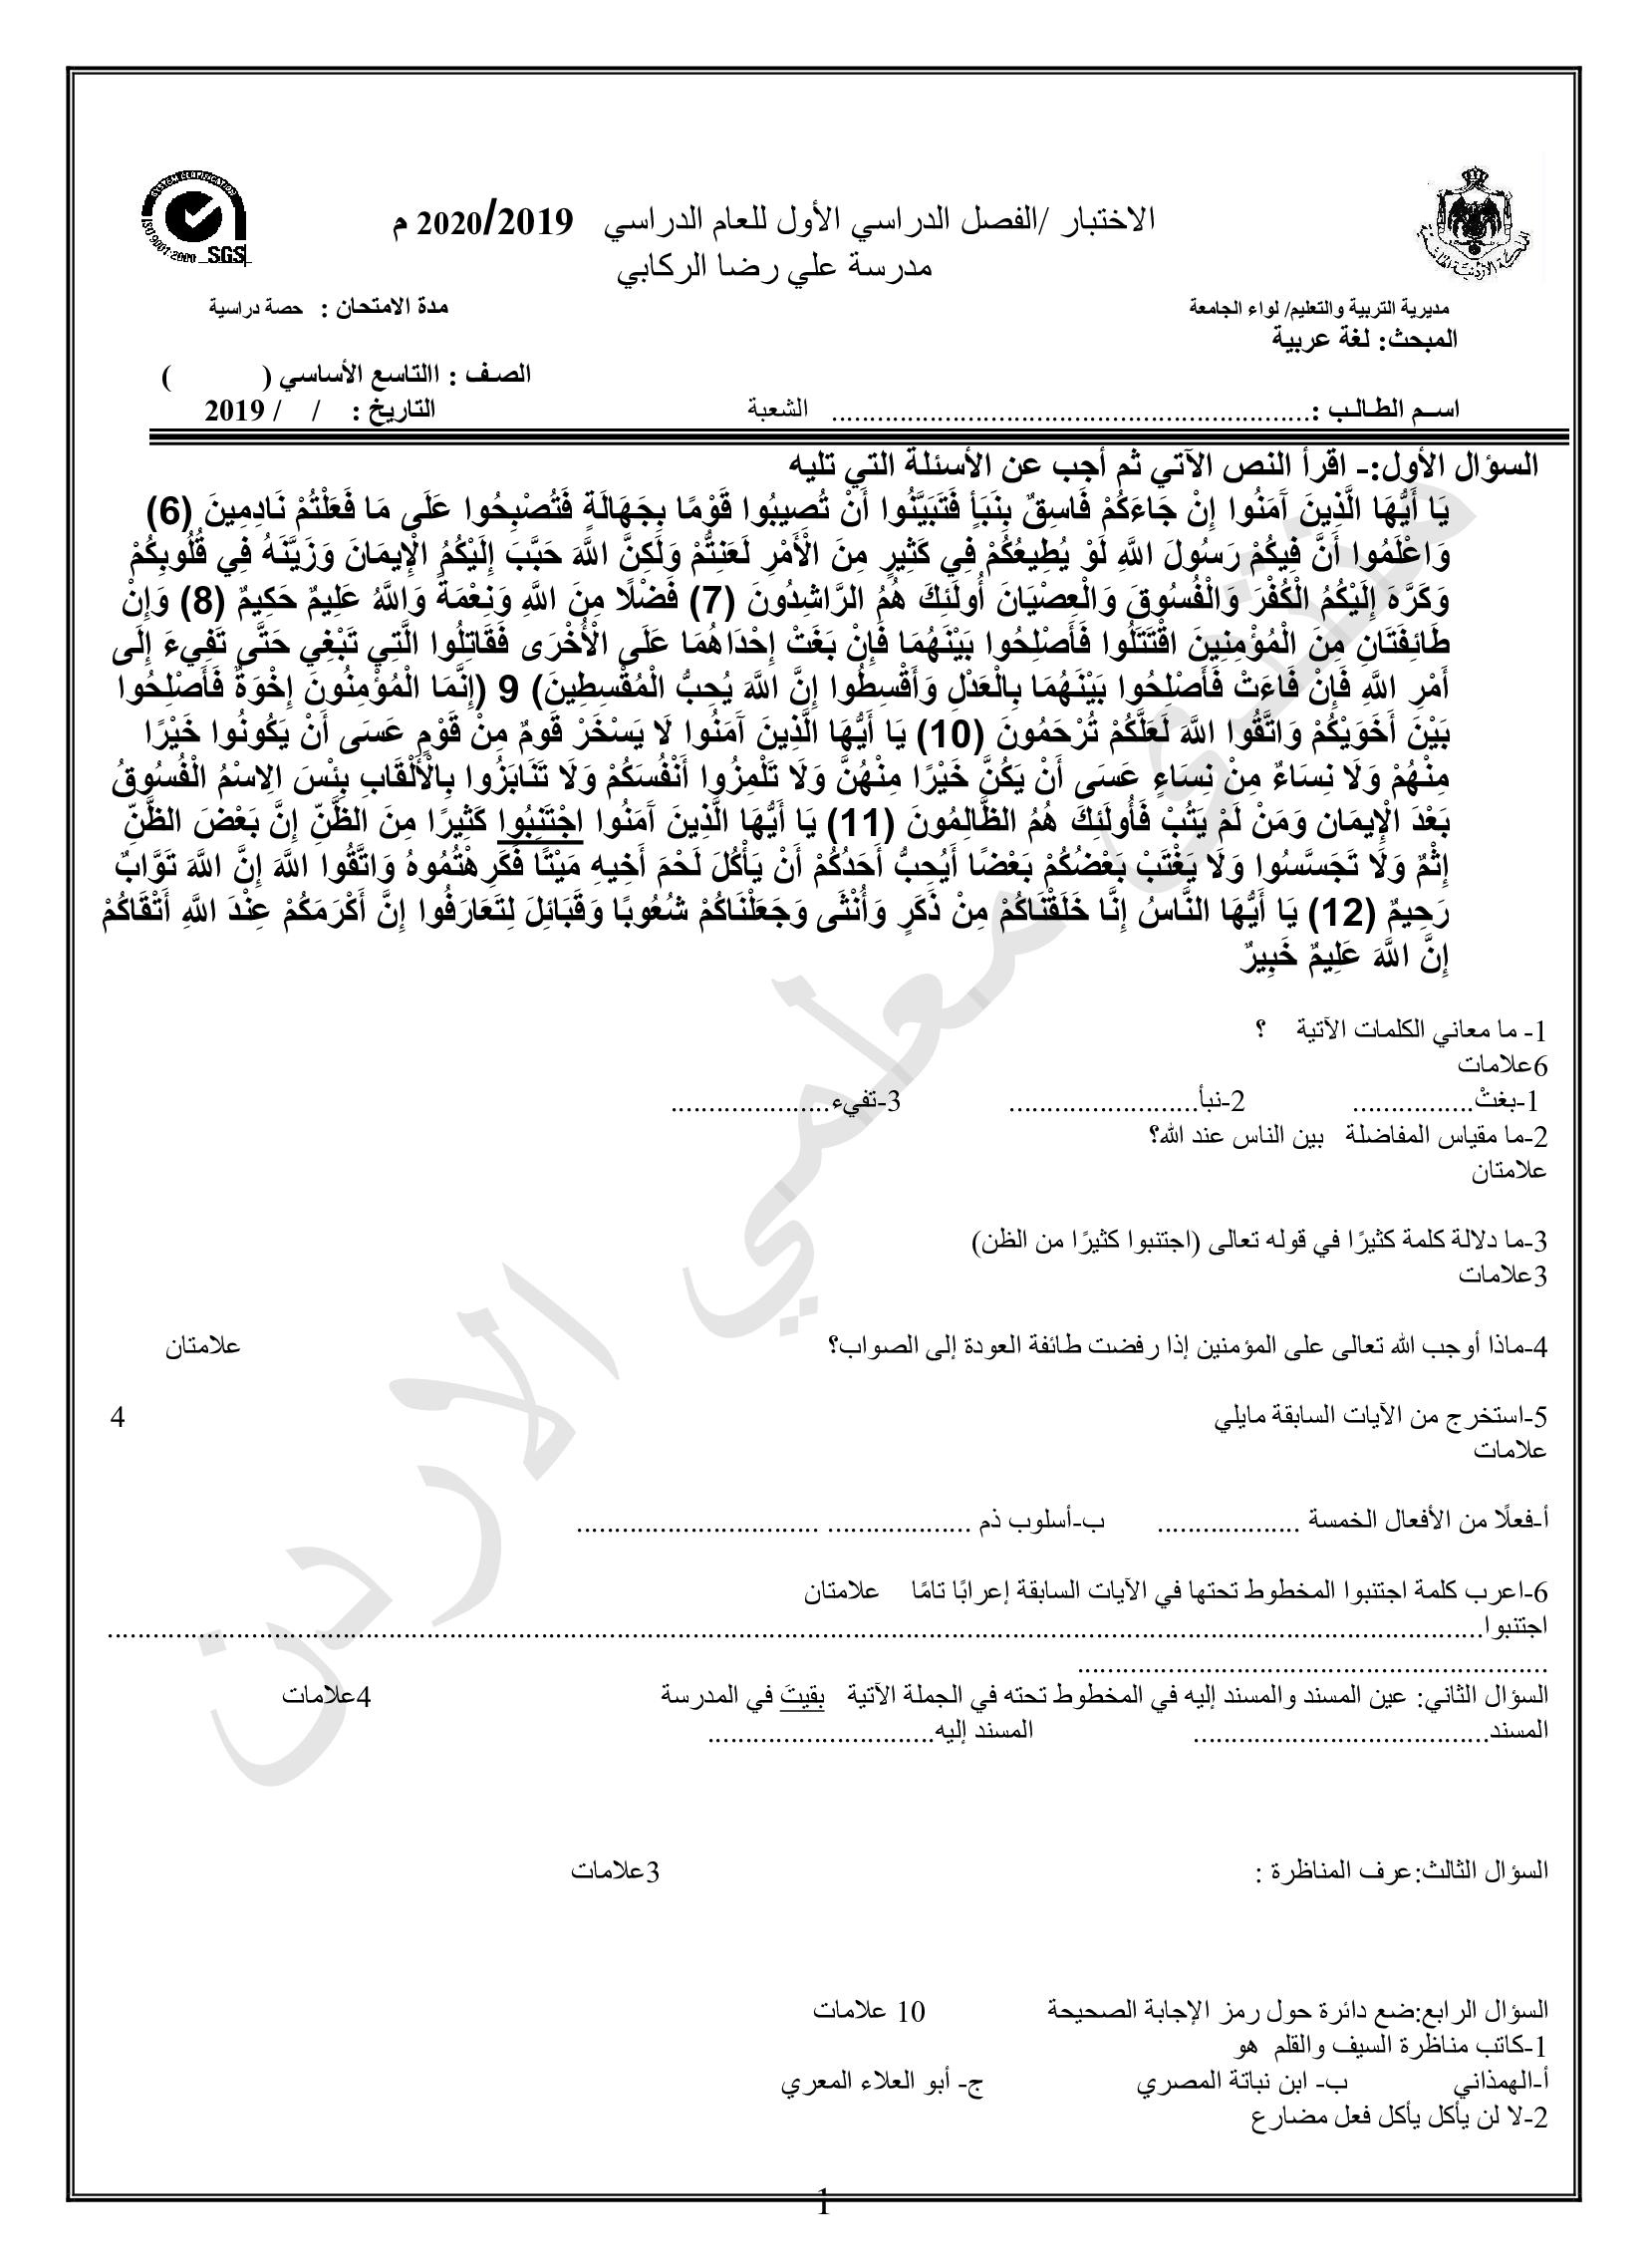 اختبار الشهر الاول لمادة اللغة العربية للصف التاسع الفصل الاول 2019